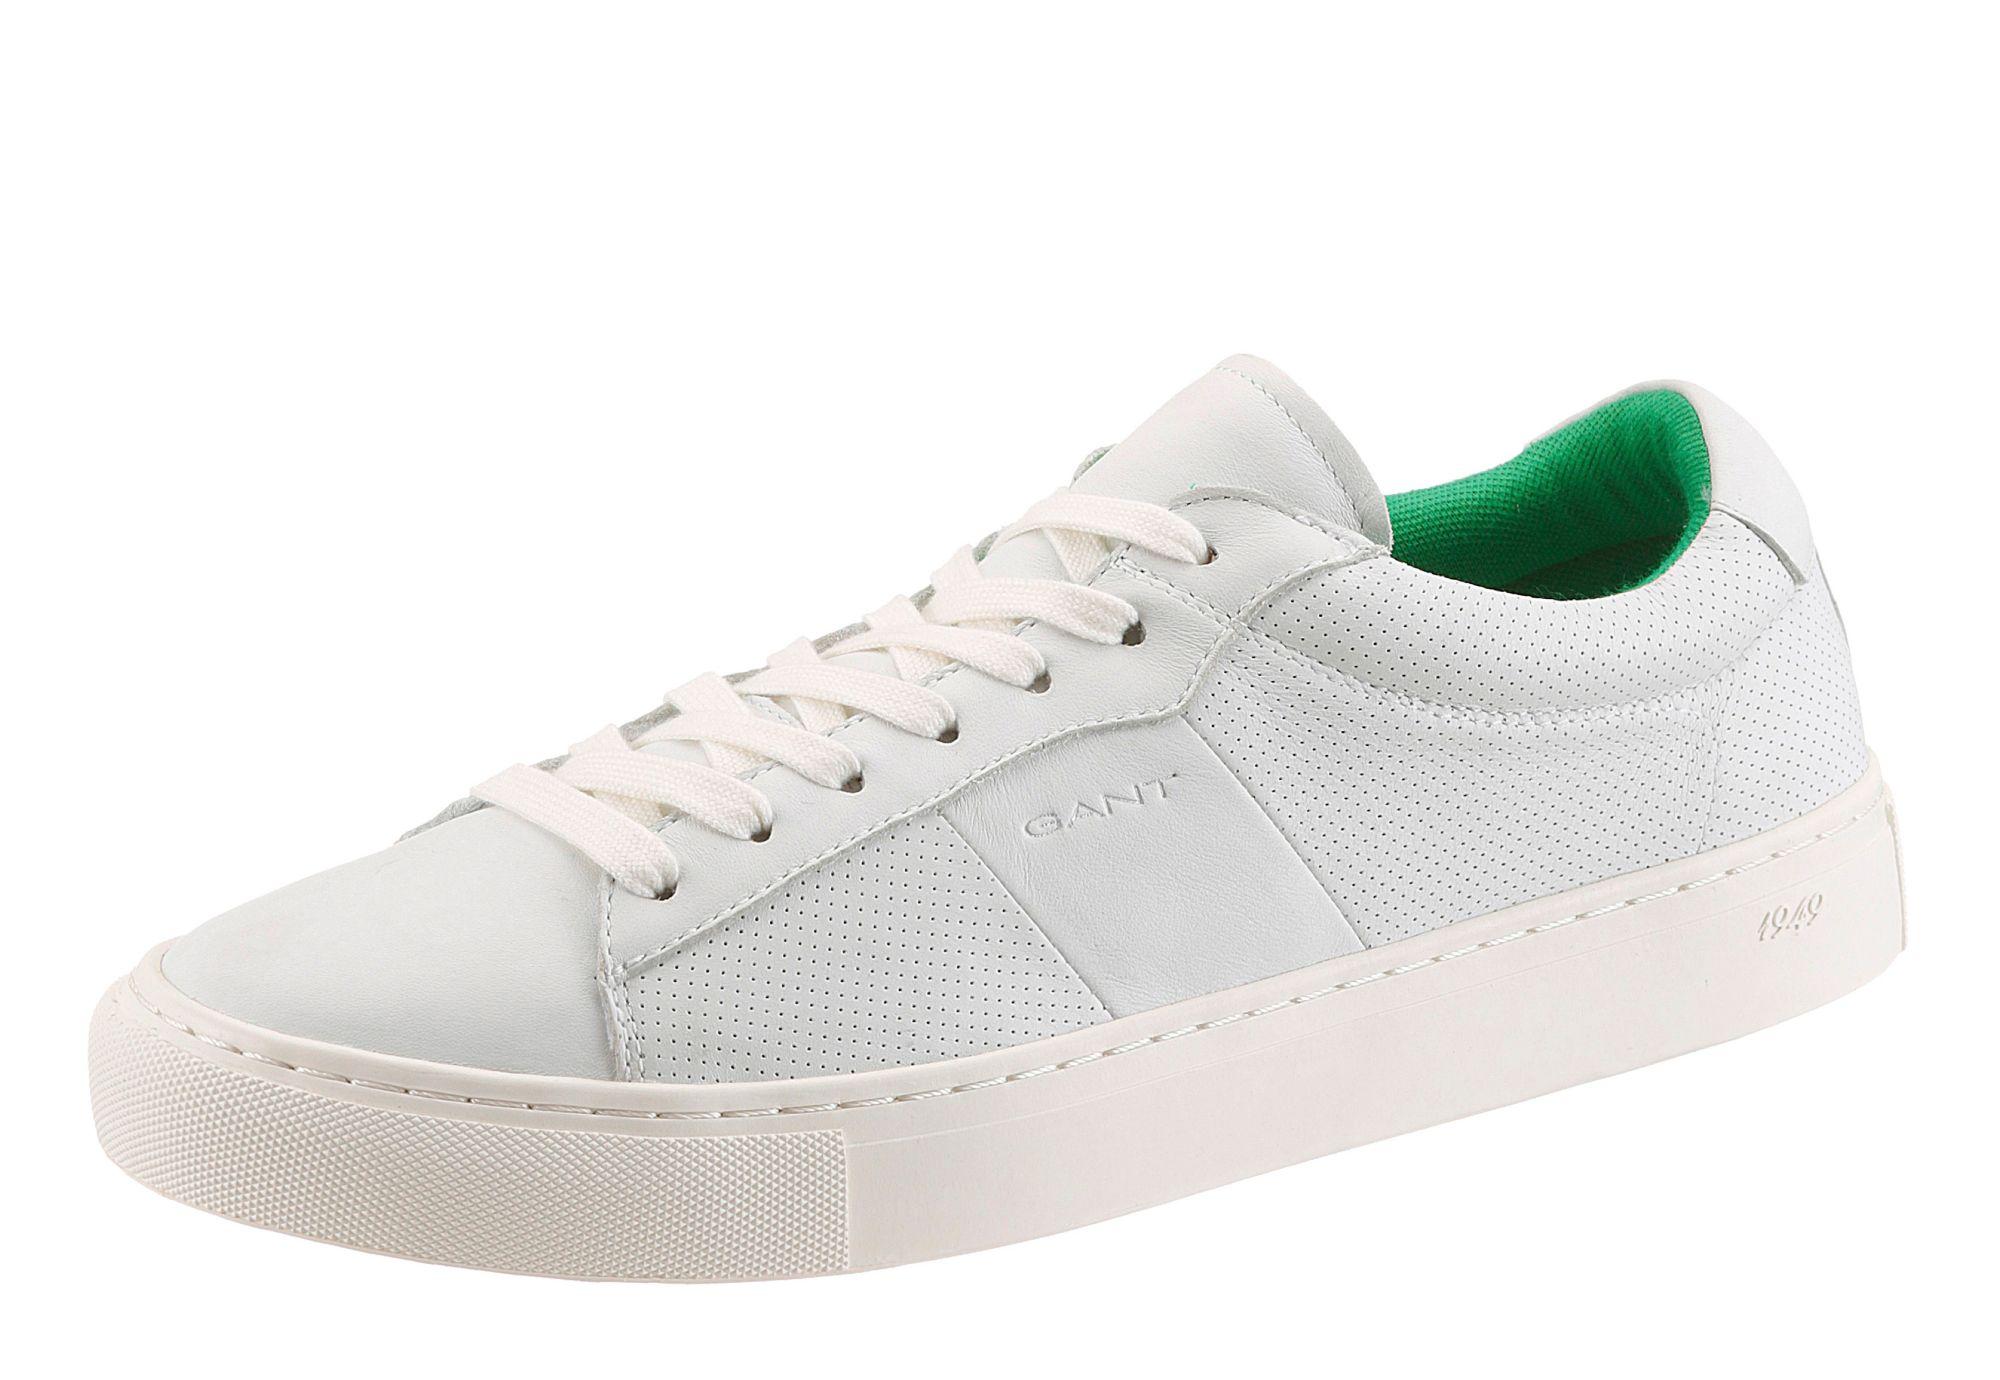 GANT FOOTWEAR GANT Sneaker teilweise perforiert